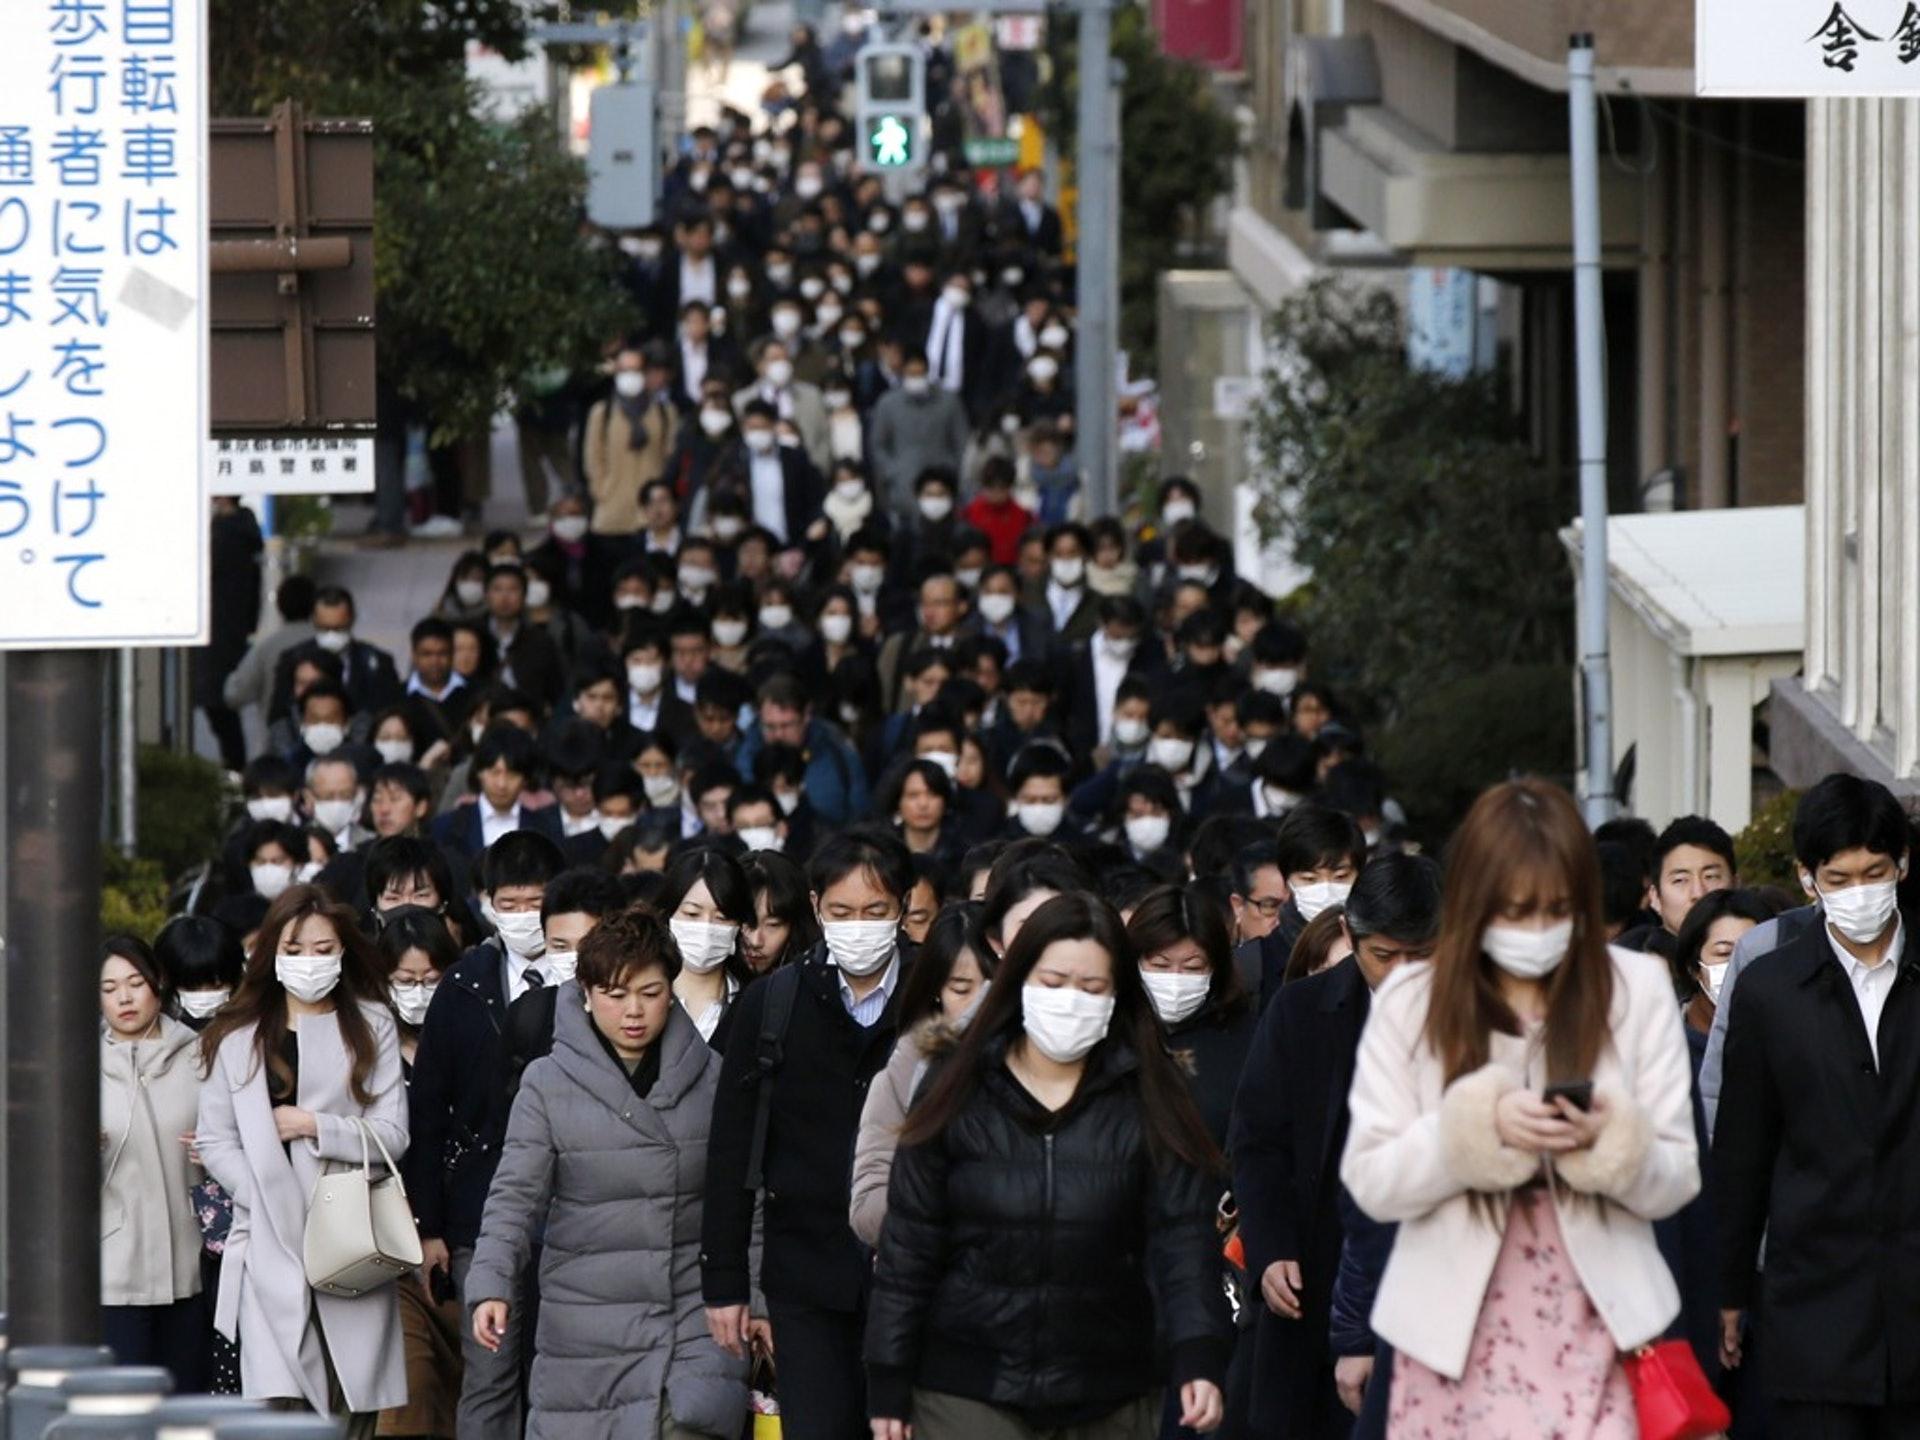 確診 日本 肺炎